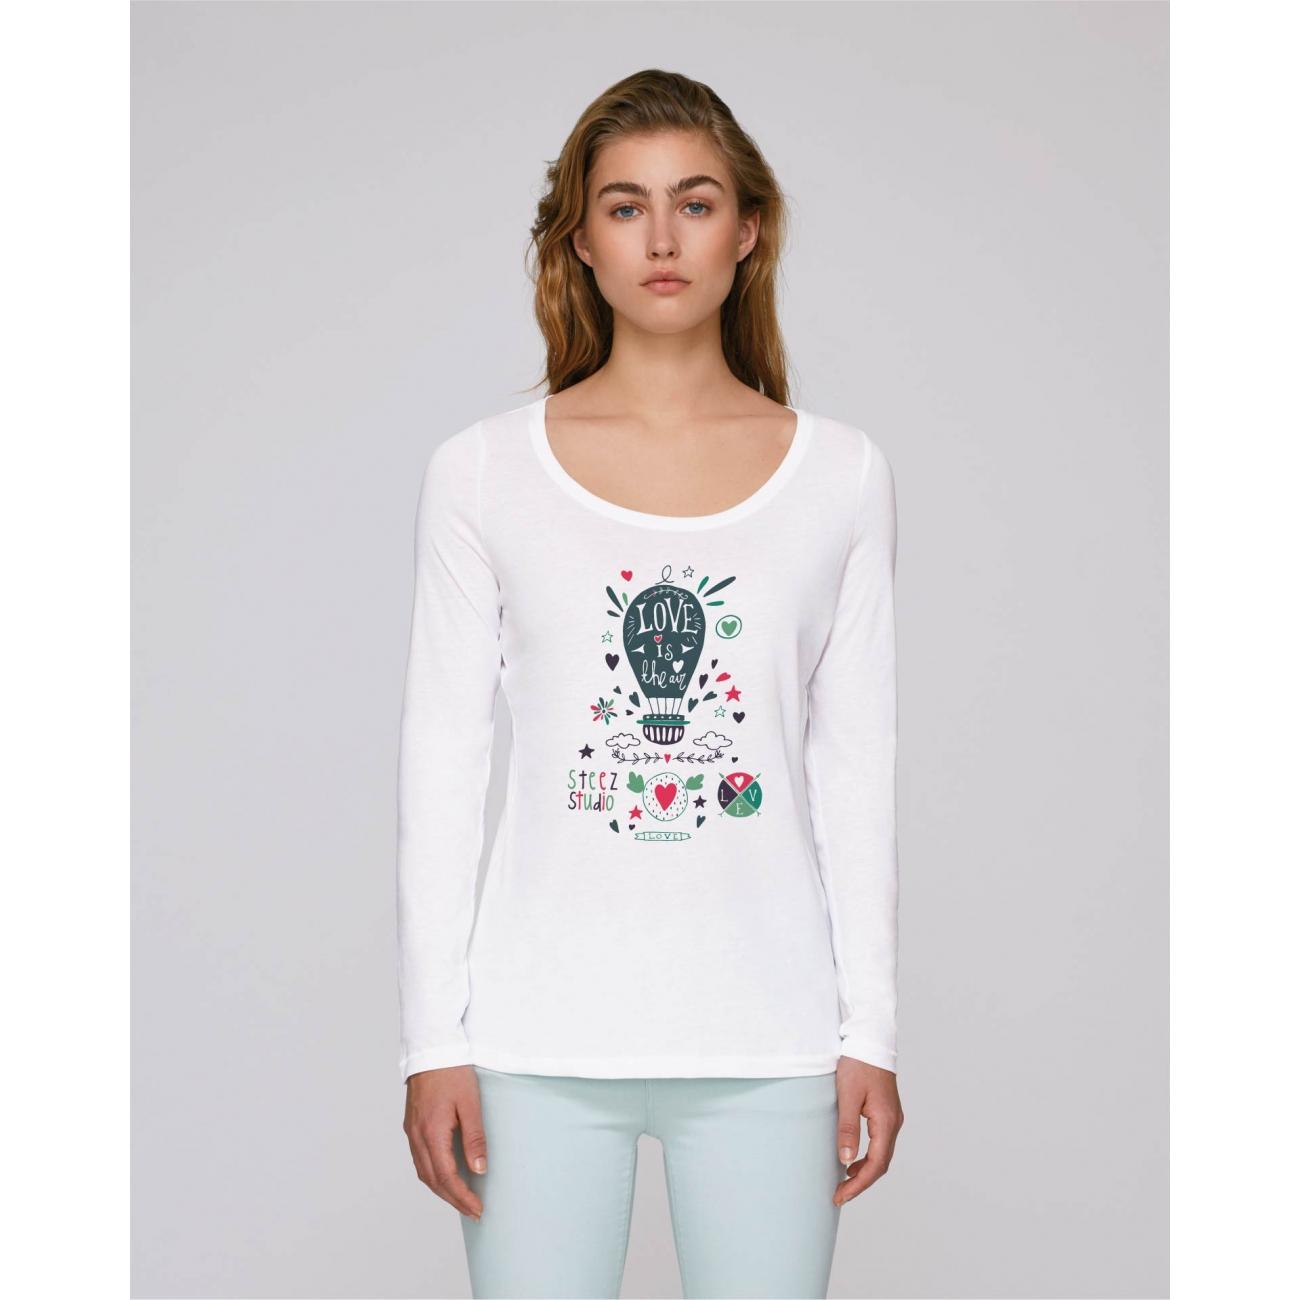 https://tee-shirt-bio.com/9219-thickbox_default/tshirt-femme-manches-longues-coton-bio-equitable-blanc-doux-et-leger-visuel-ecolo-loves.jpg